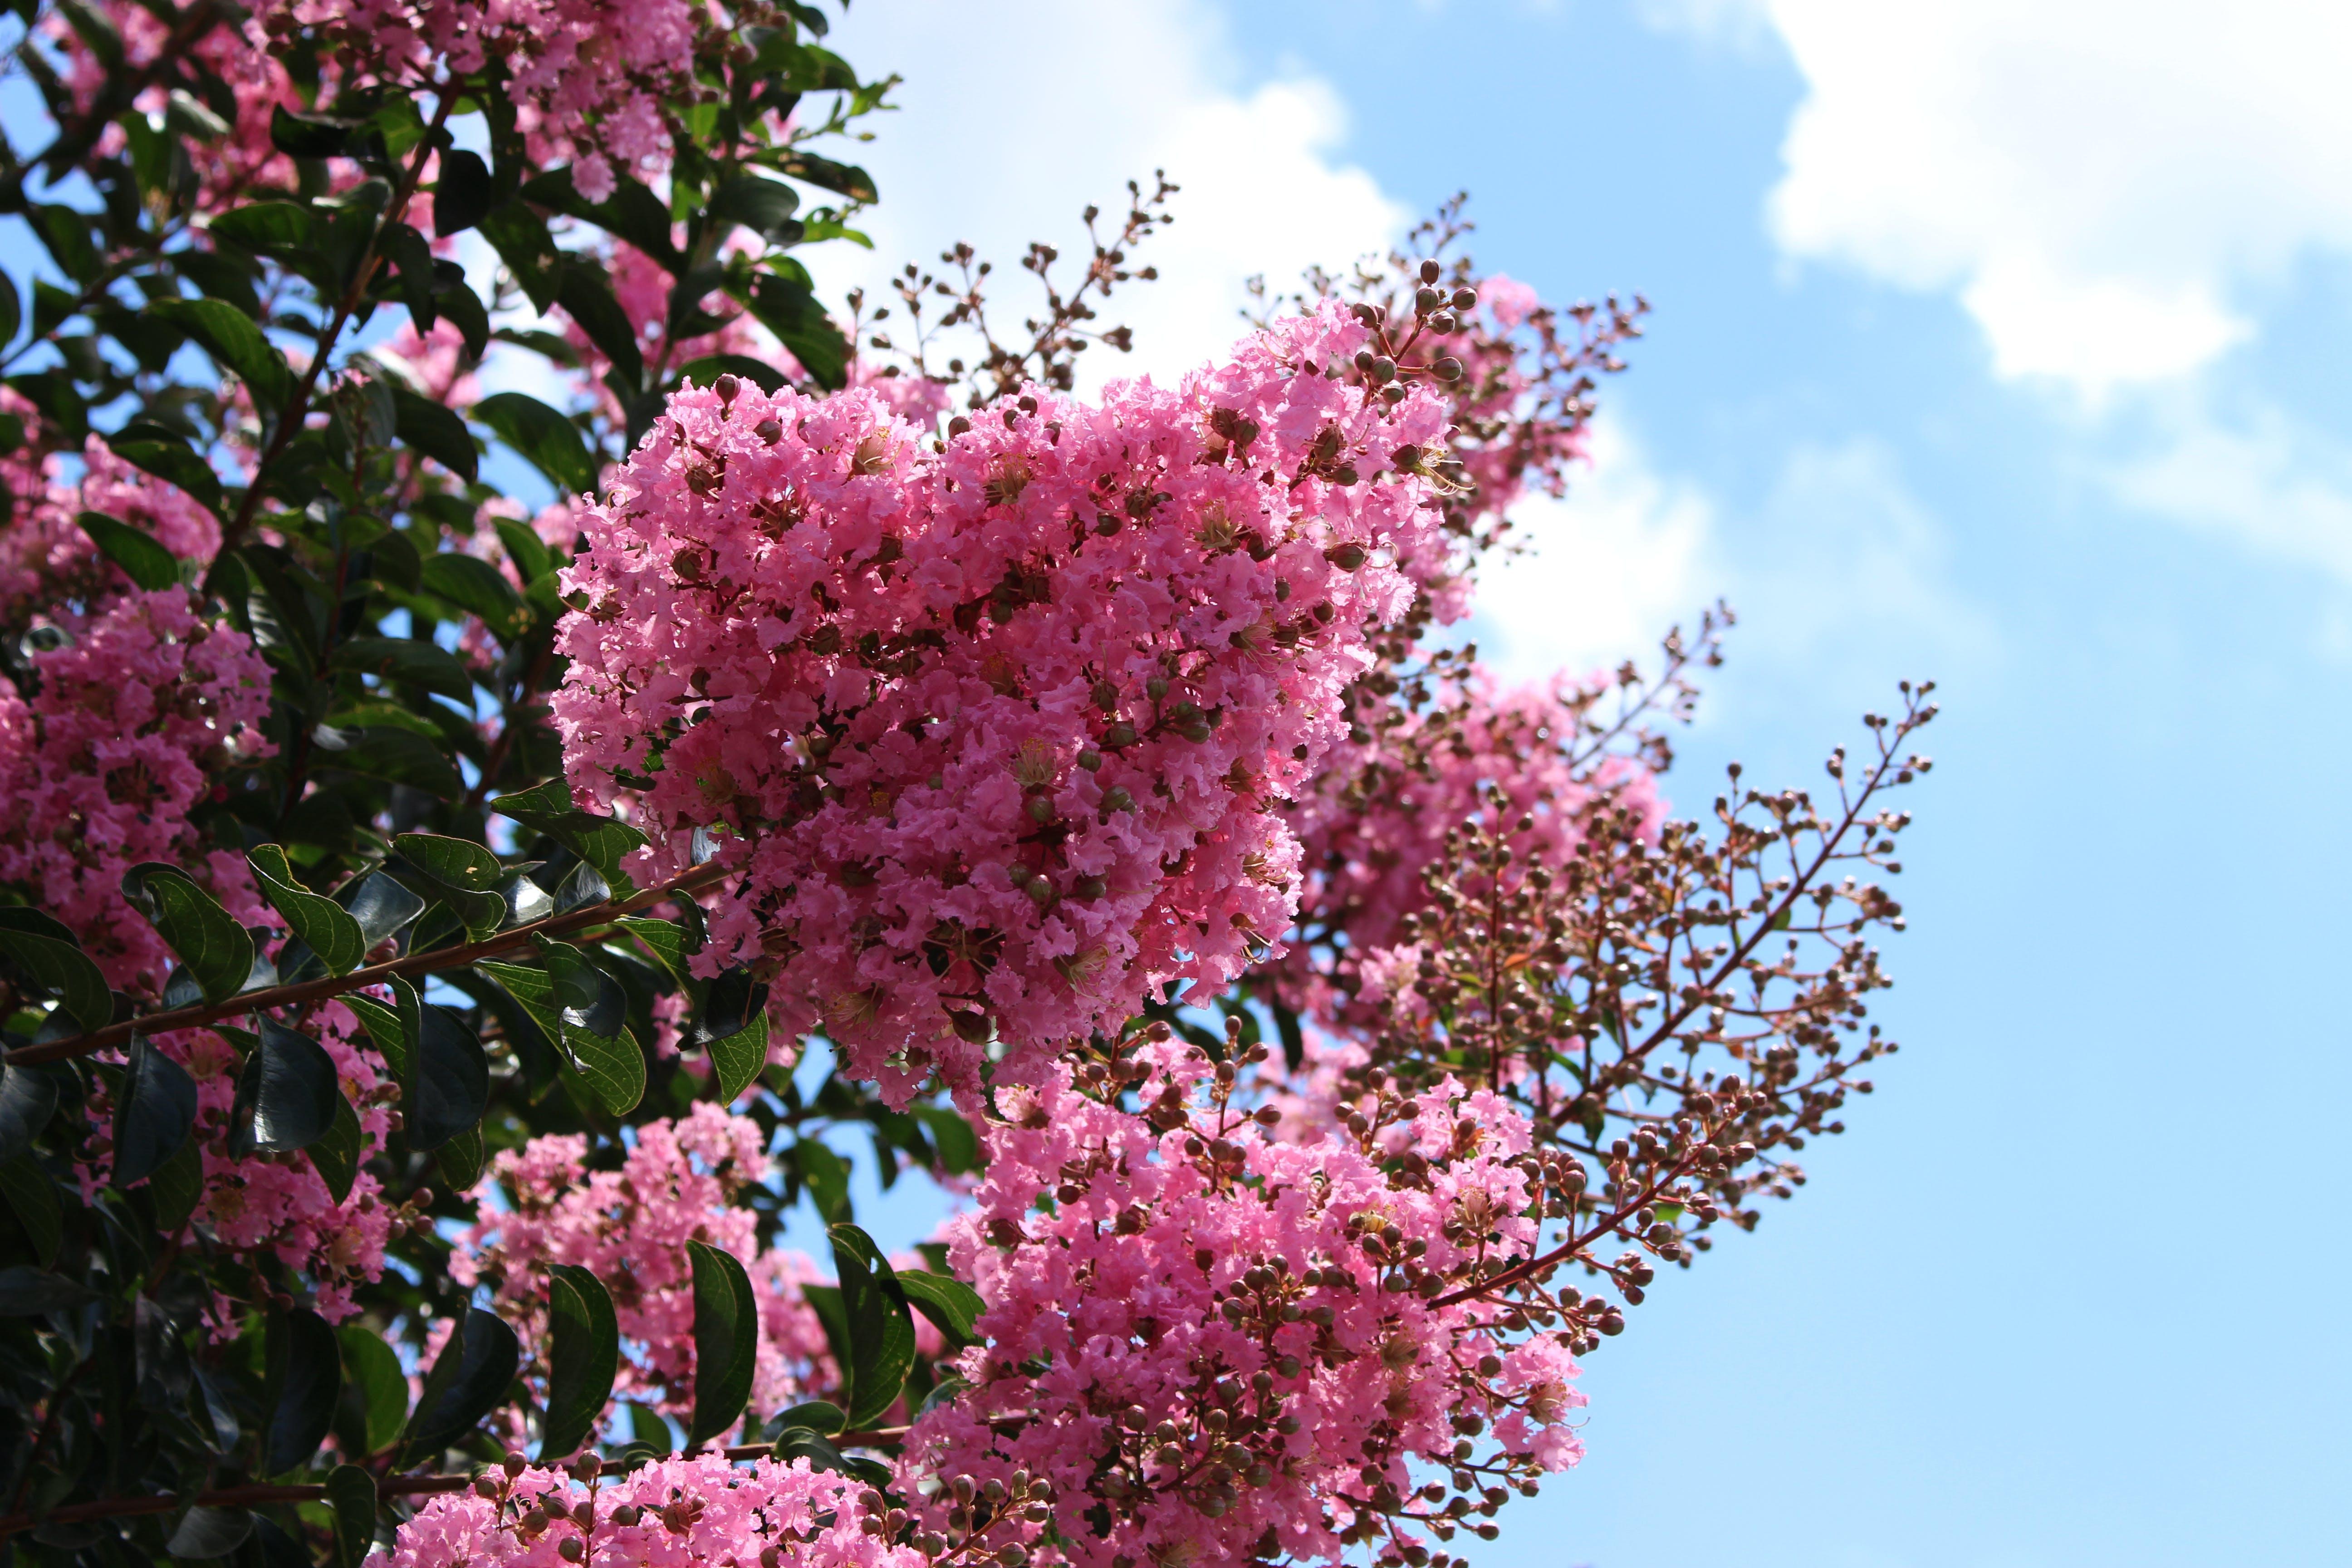 Kostenloses Stock Foto zu blumen, natur, pflanzen, pinke blumen